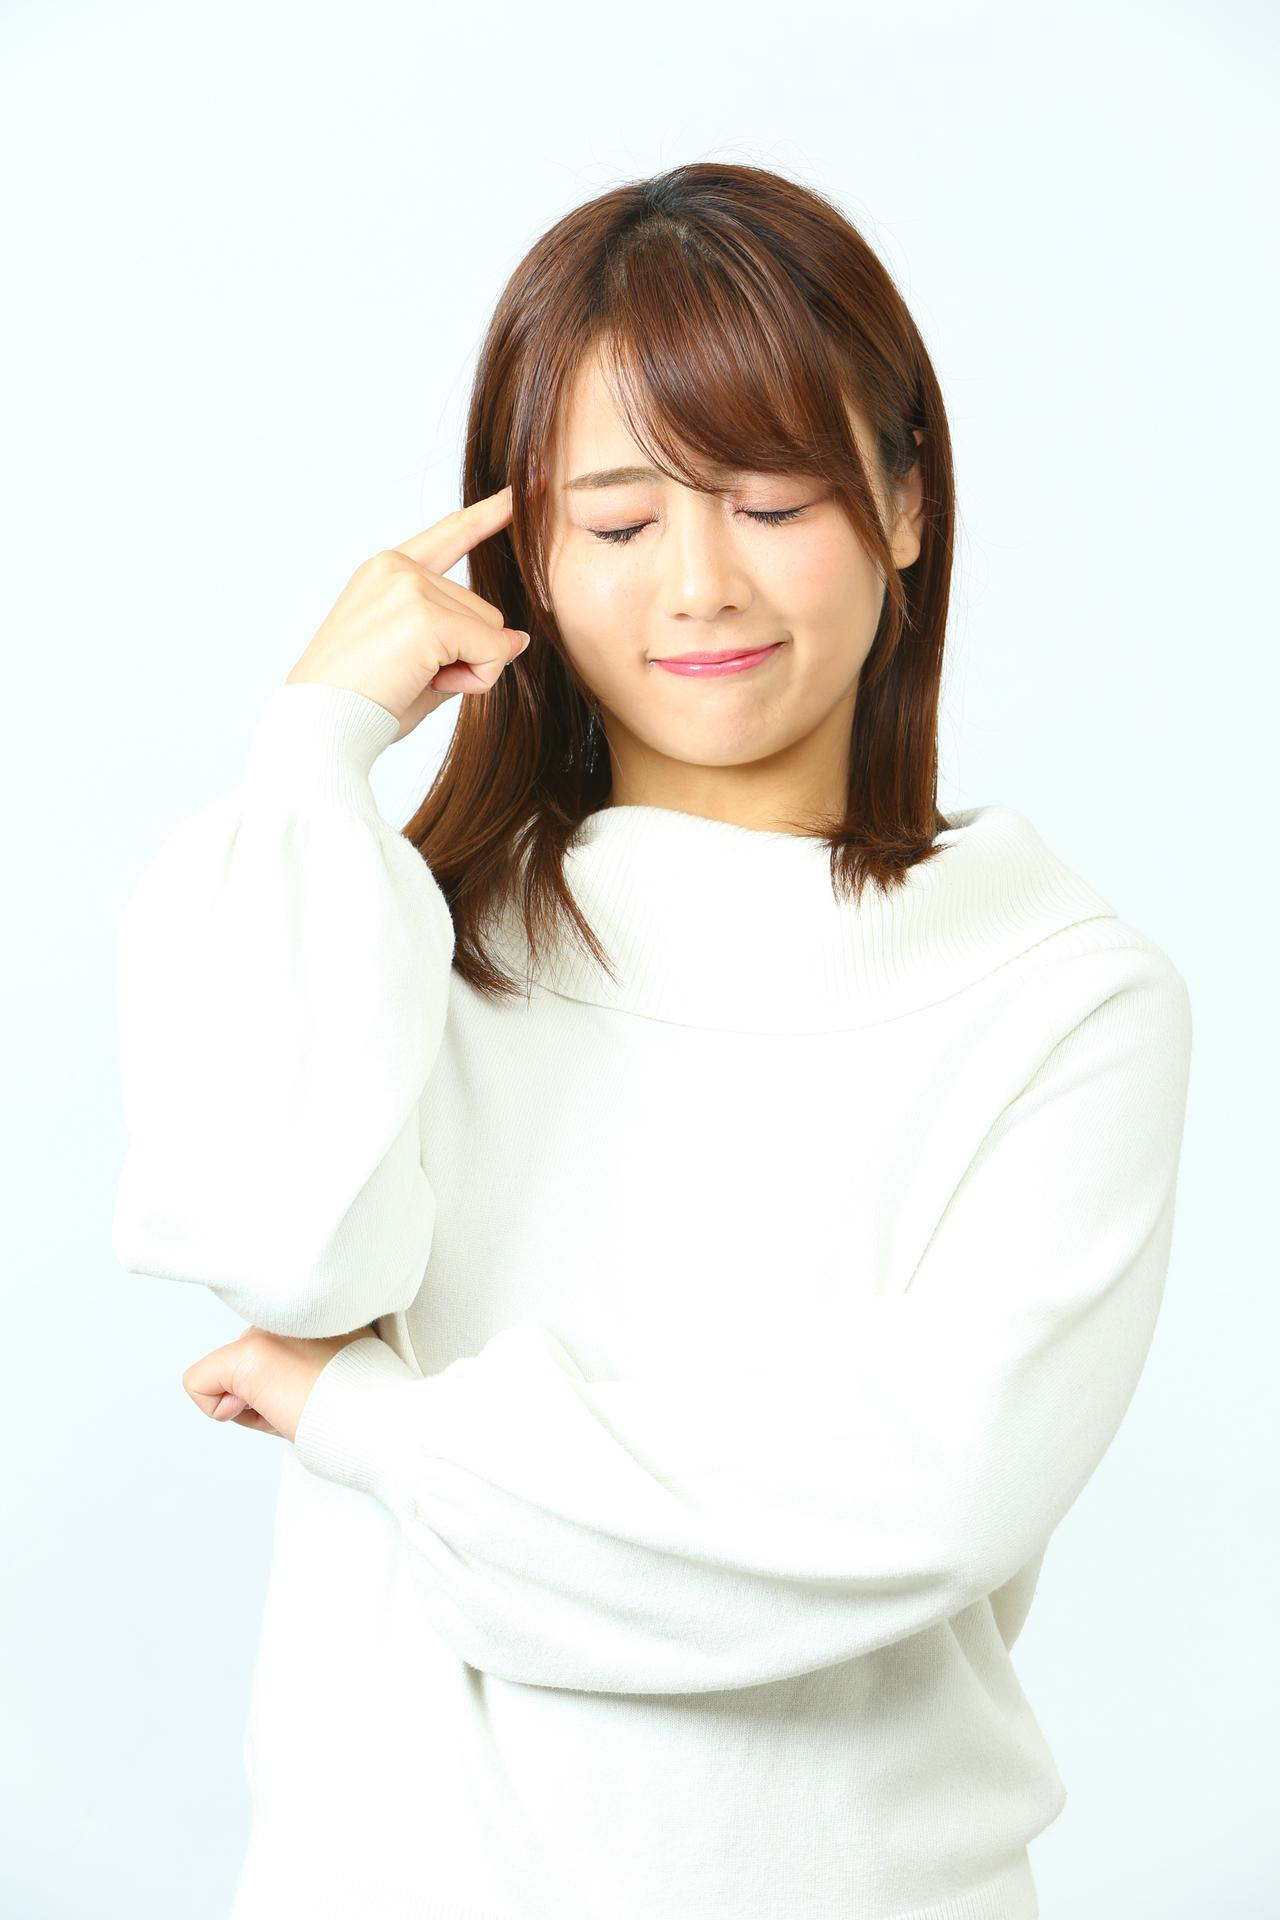 画像12: 平嶋夏海の「つま先メモリアル」 (第2回:KAWASAKI Z650、Ninja650)